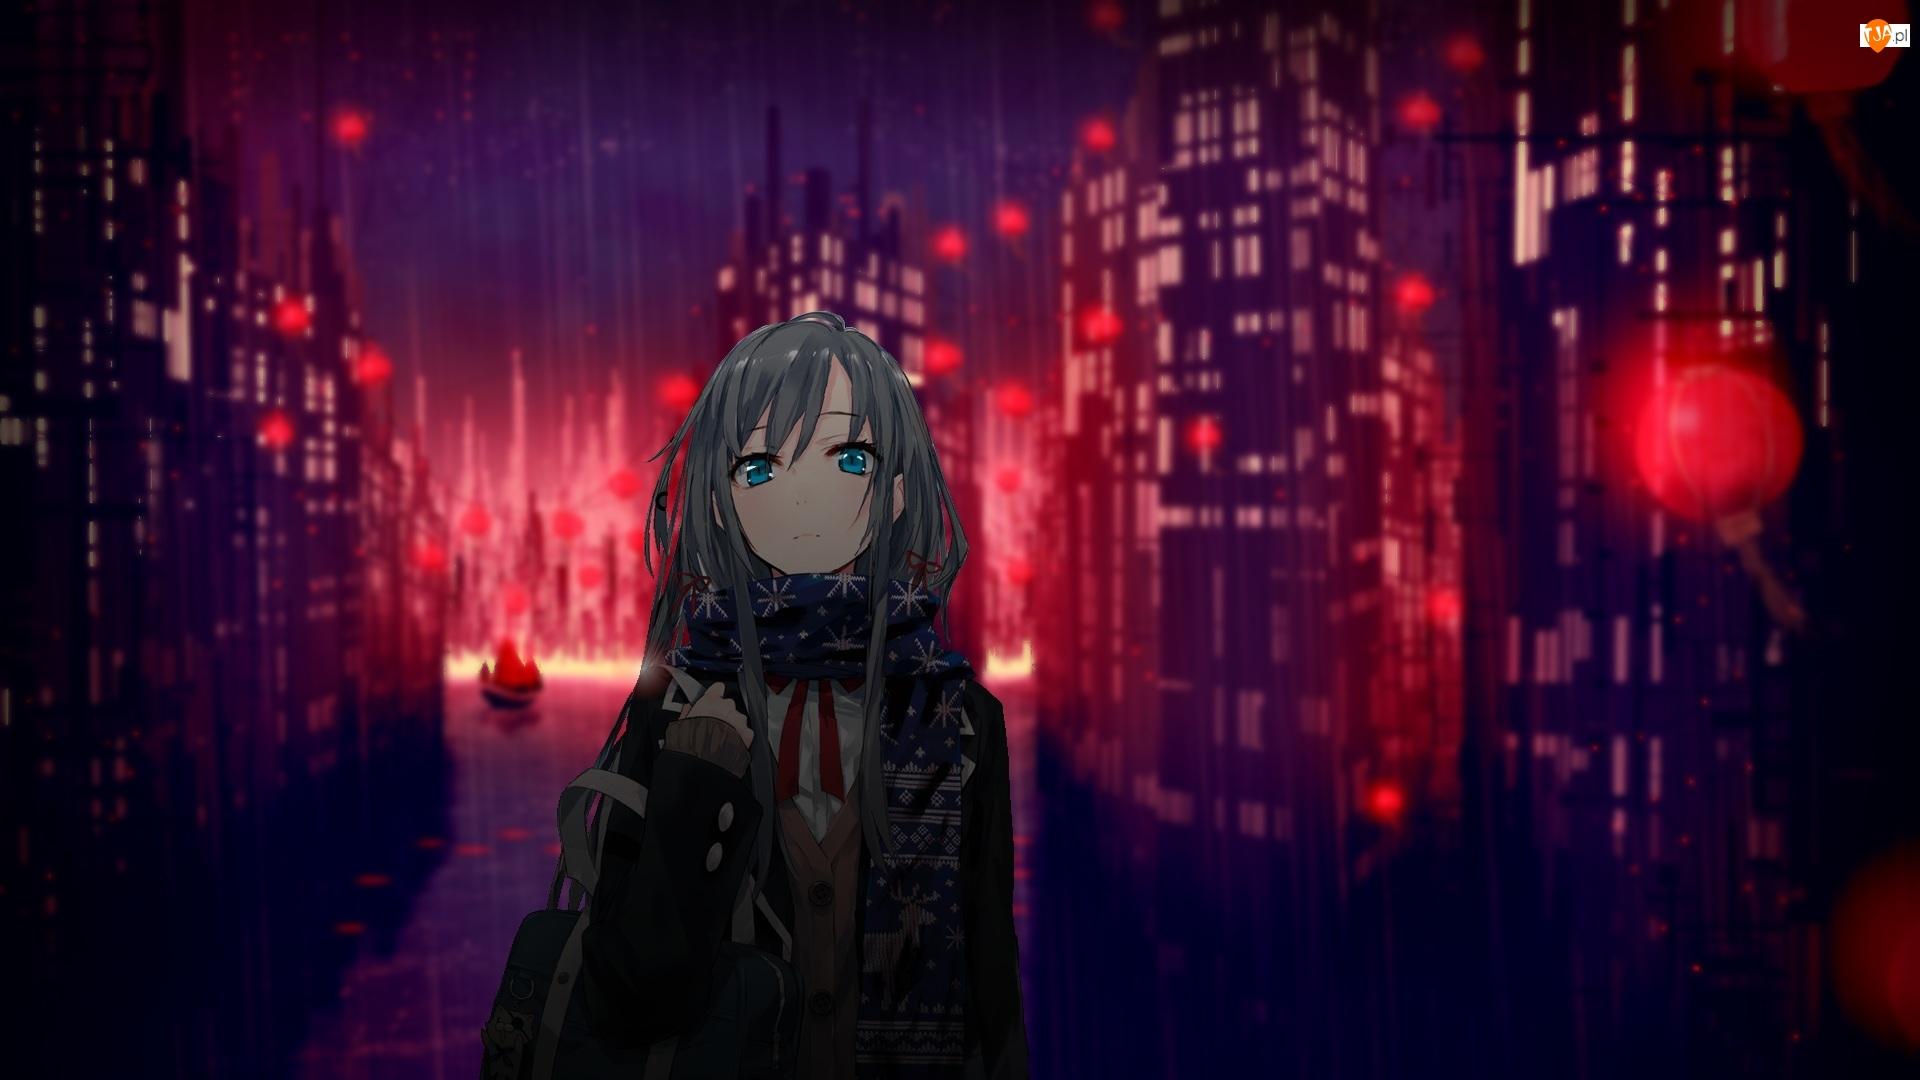 Noc, Manga Anime, Dziewczyna, Smutna, Deszcz